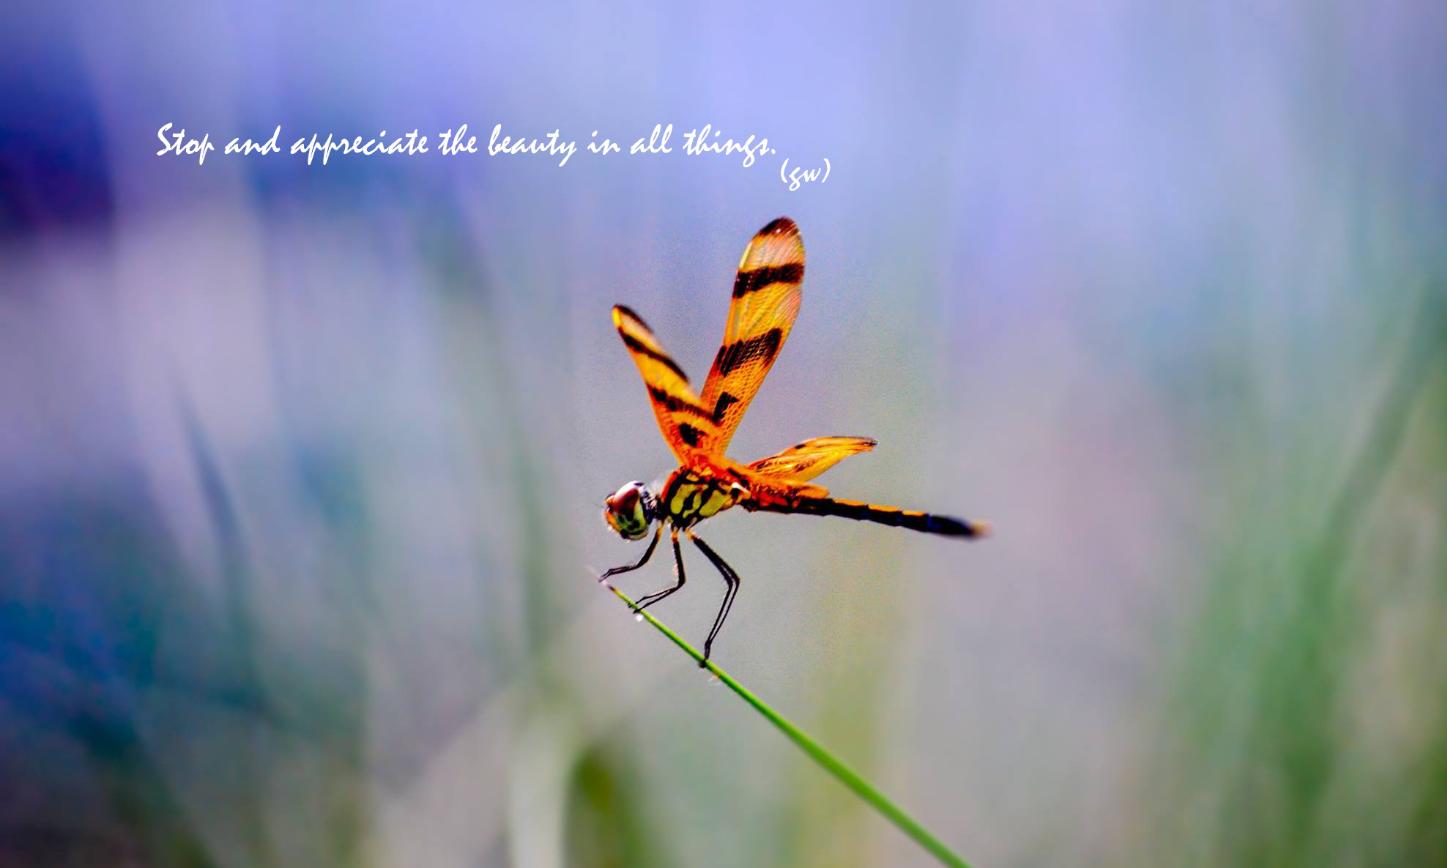 Dragonfly copy_edited